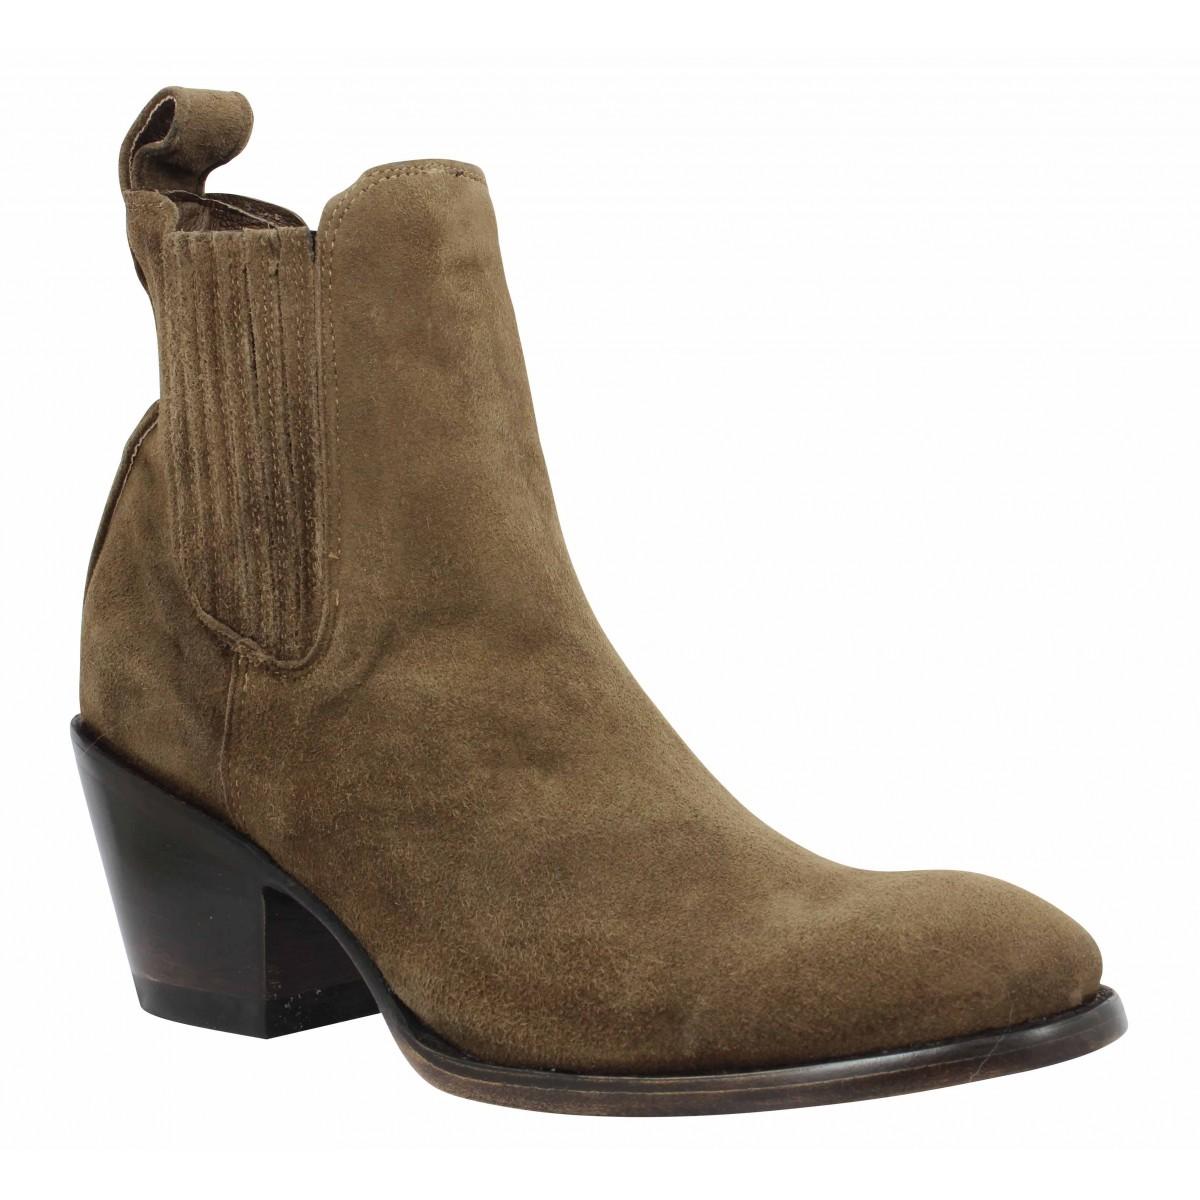 velours Mexicana femme marron femme chaussures Fanny estudio 4Tq5gwf